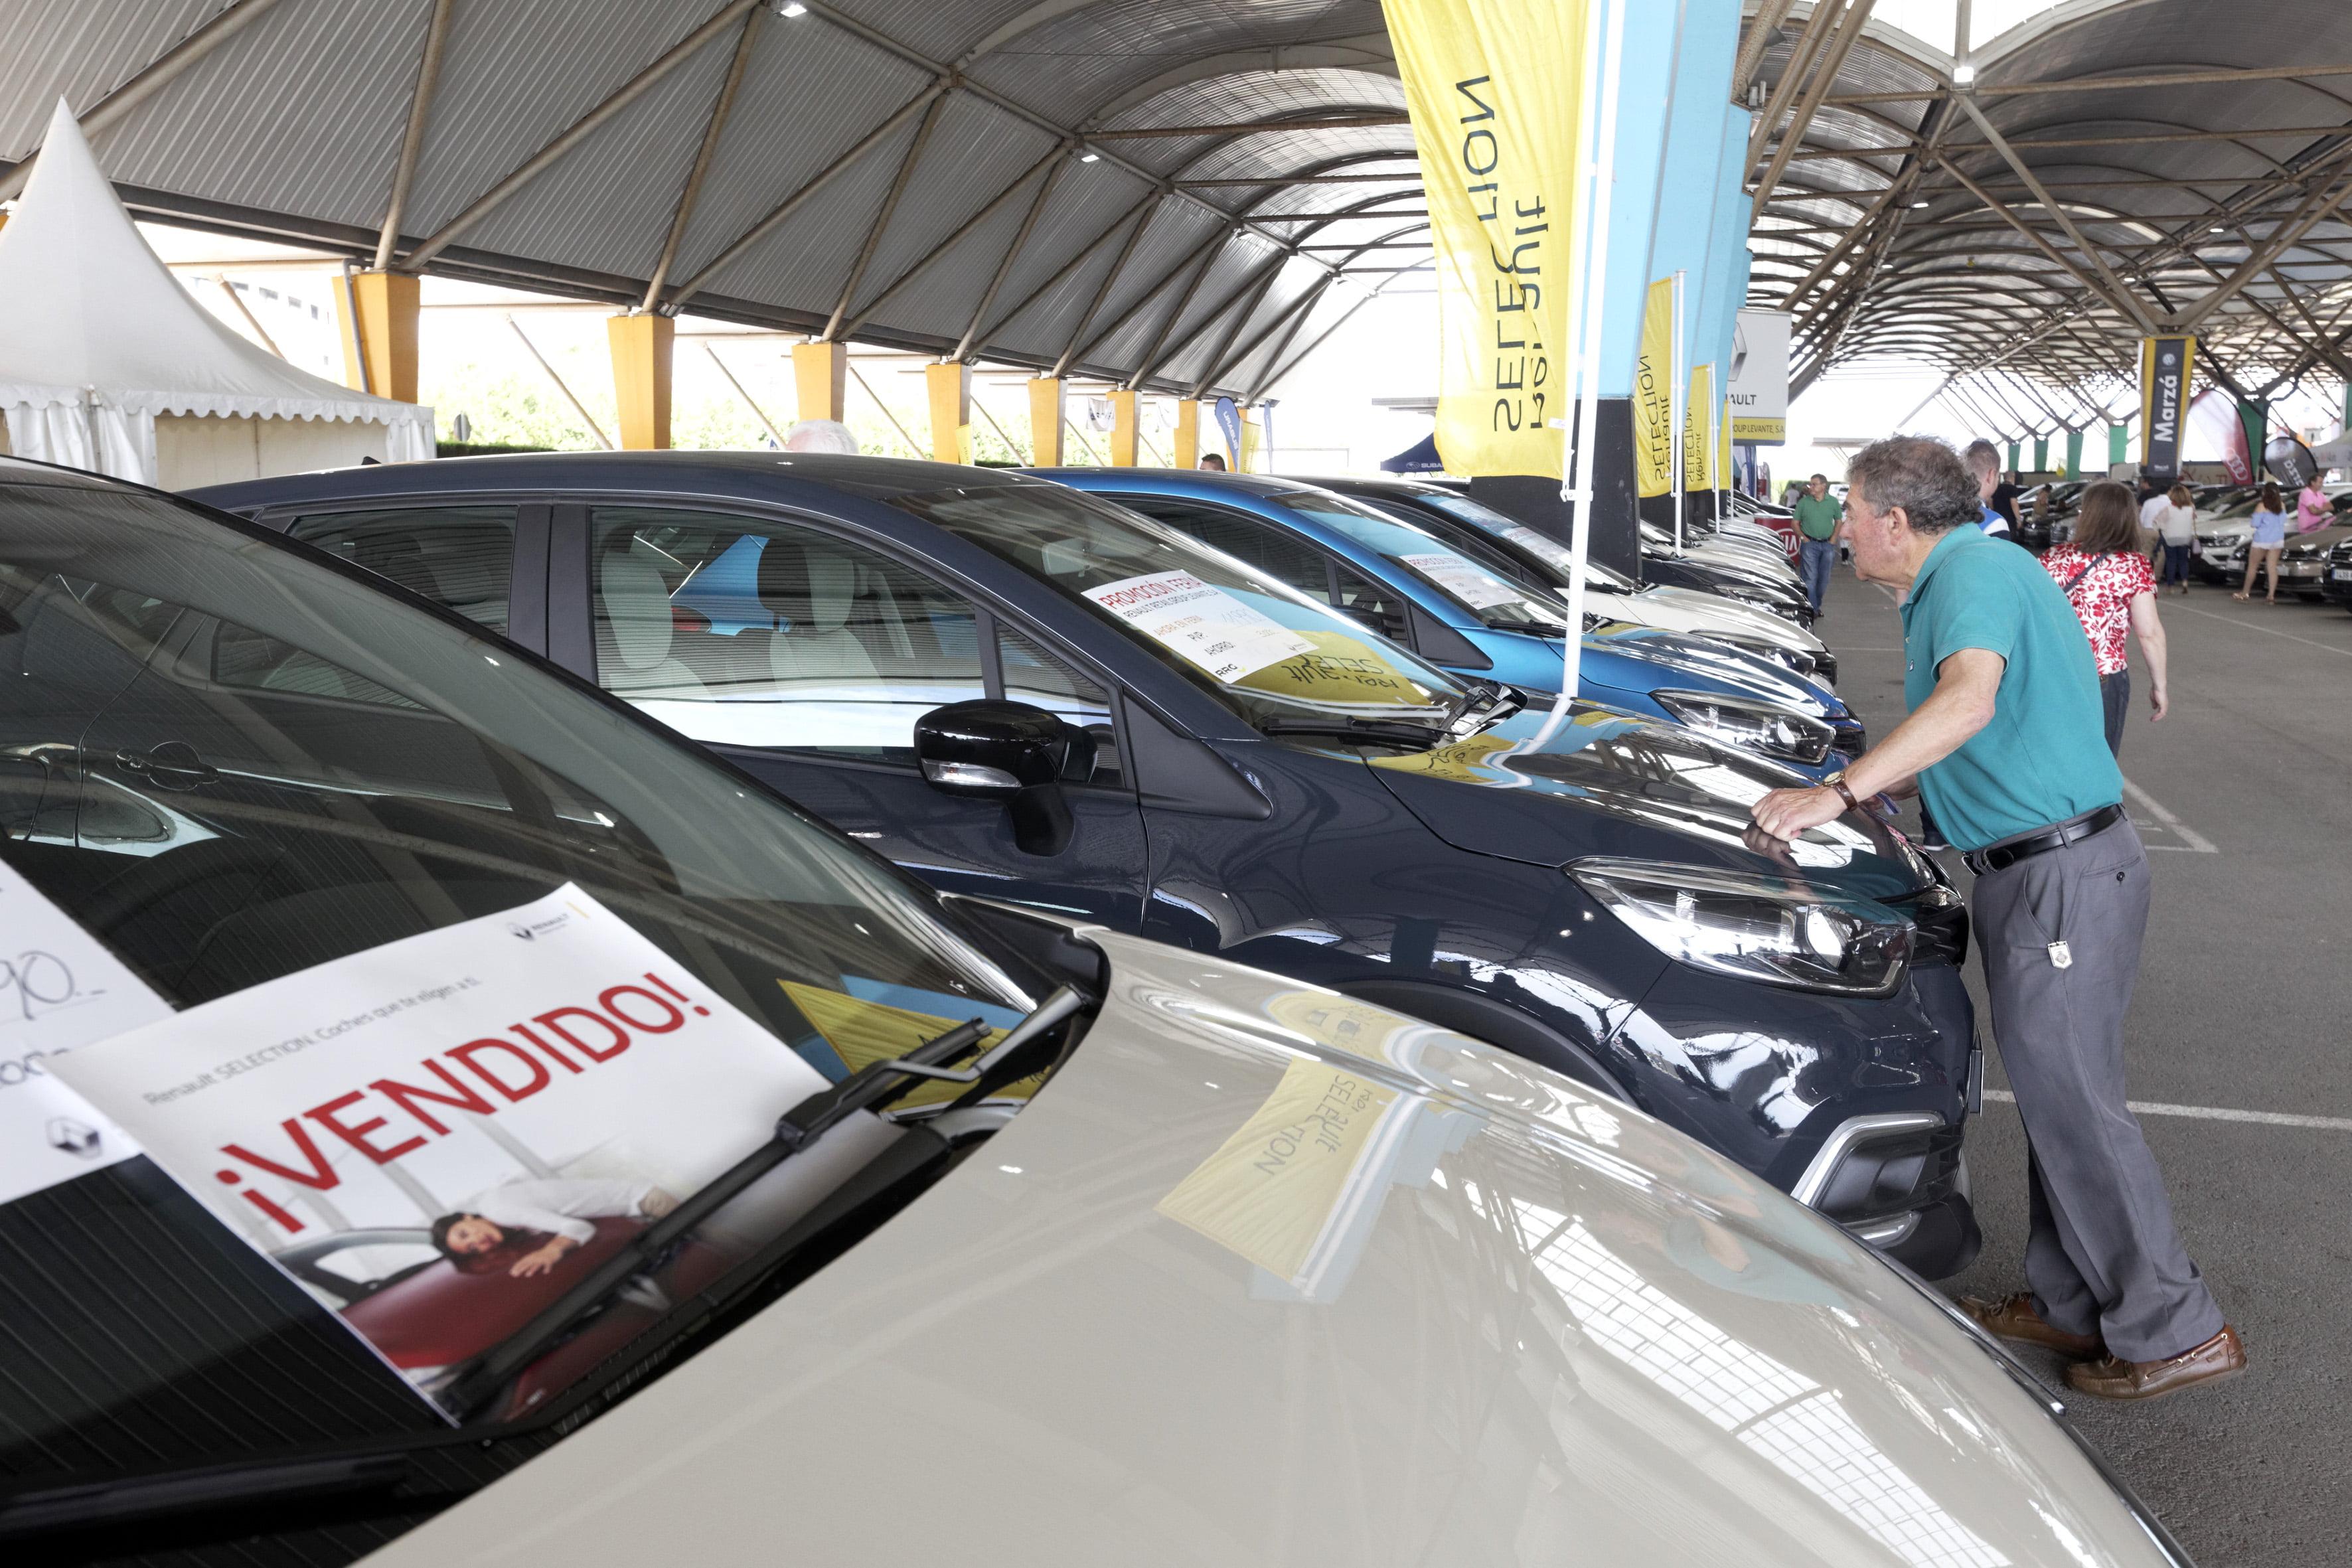 Imagen destacada Motorocasión Castellón 2019 bate el record de empresas expositoras de vehículos